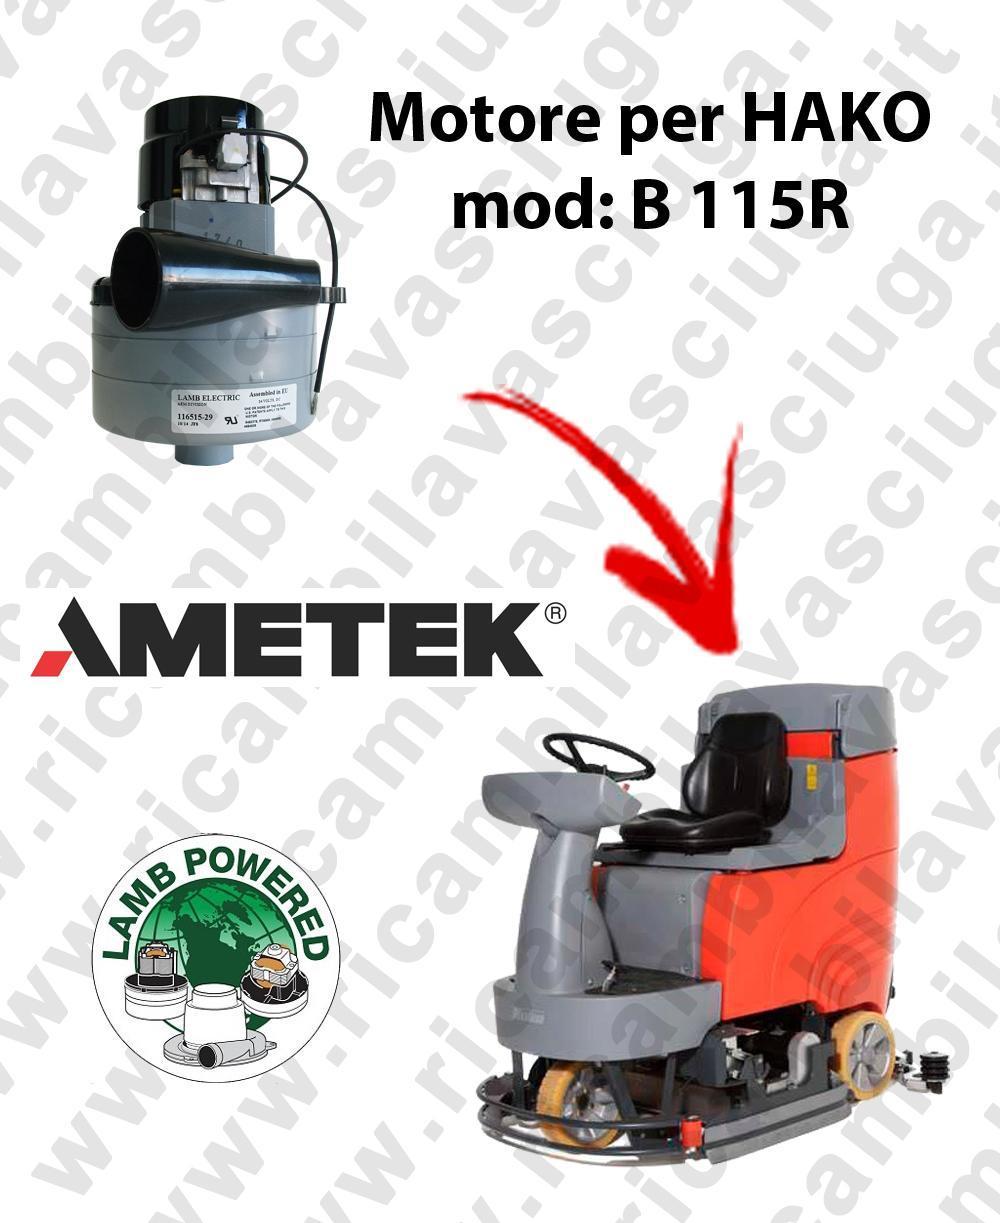 B 115R LAMB AMETEK vacuum motor for scrubber dryer HAKO